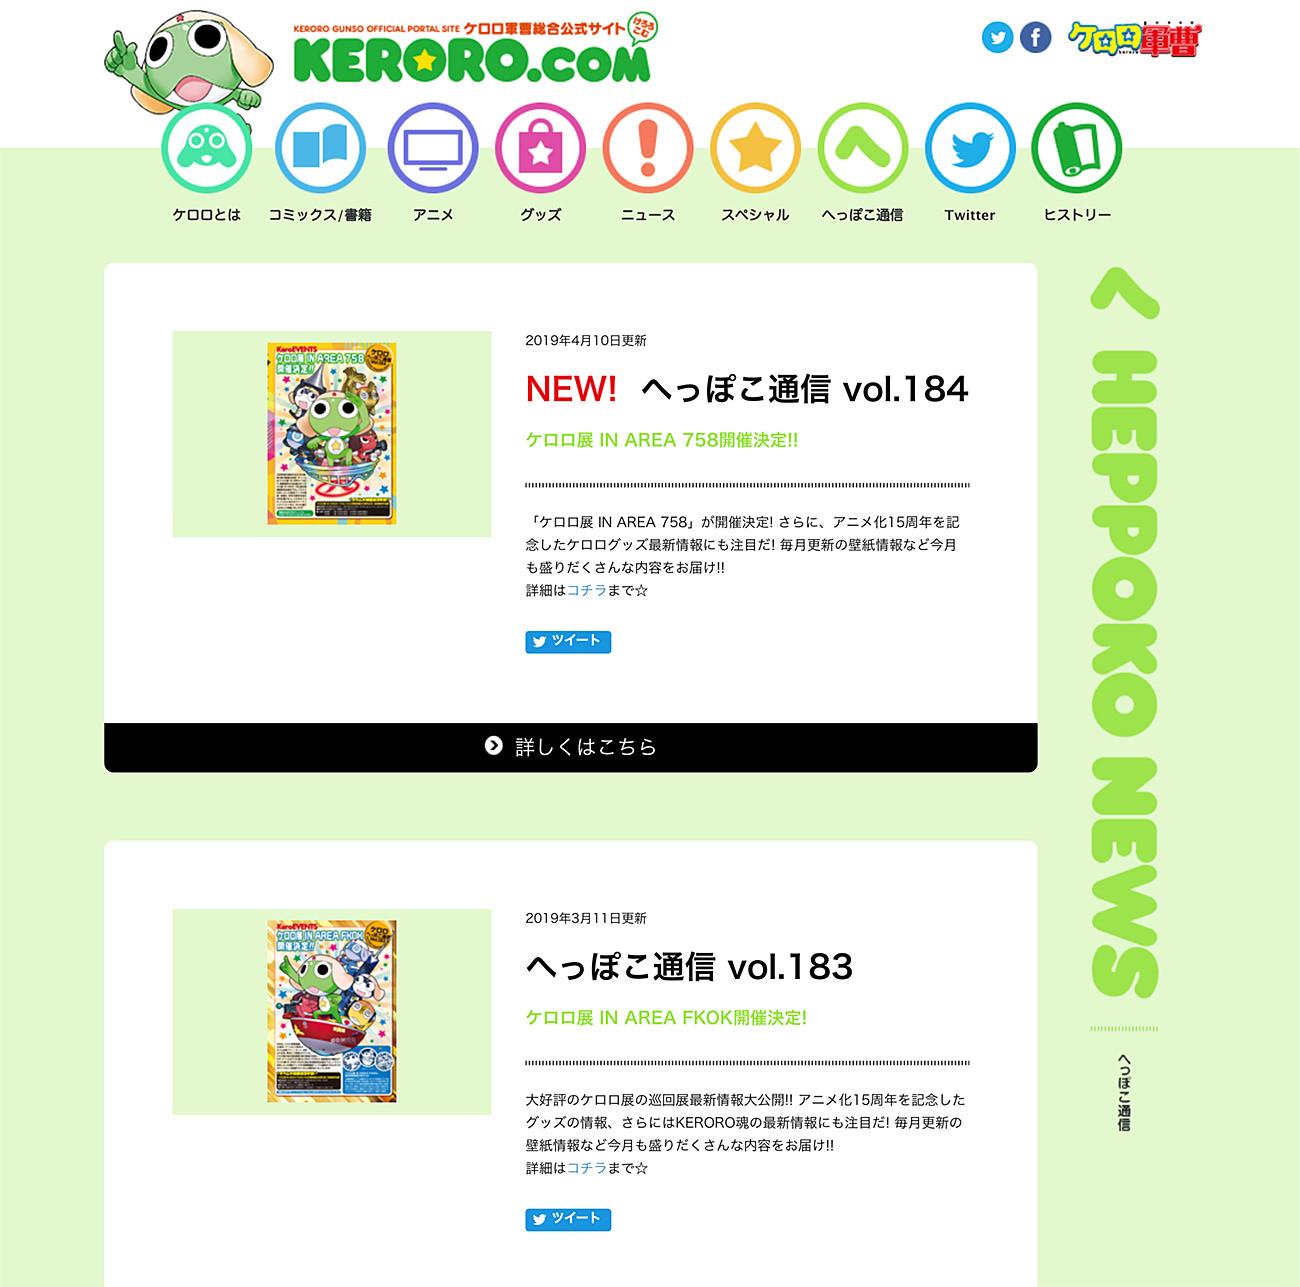 ケロロ軍曹総合公式サイト KERORO.COM